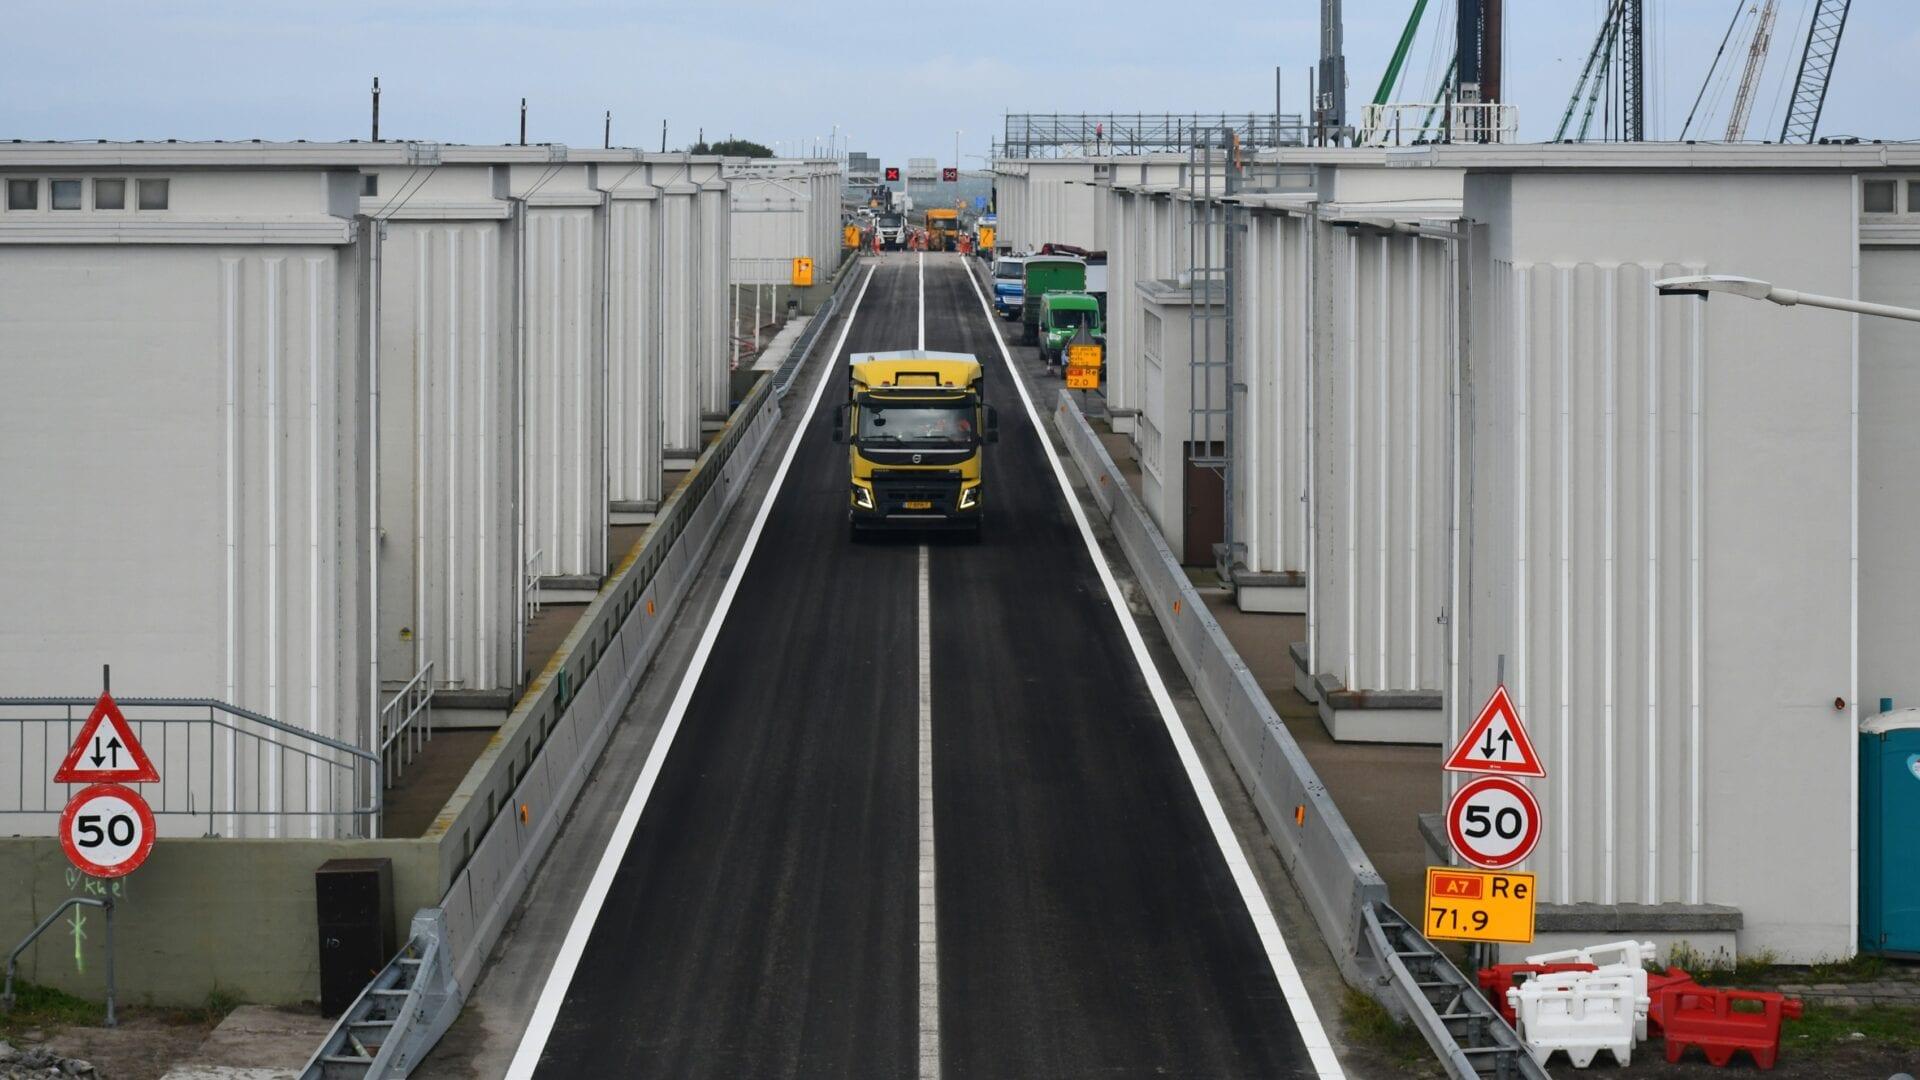 Op de foto zien we de weg van de Afsluitdijk. Op de weg zie je een vrachtwagen